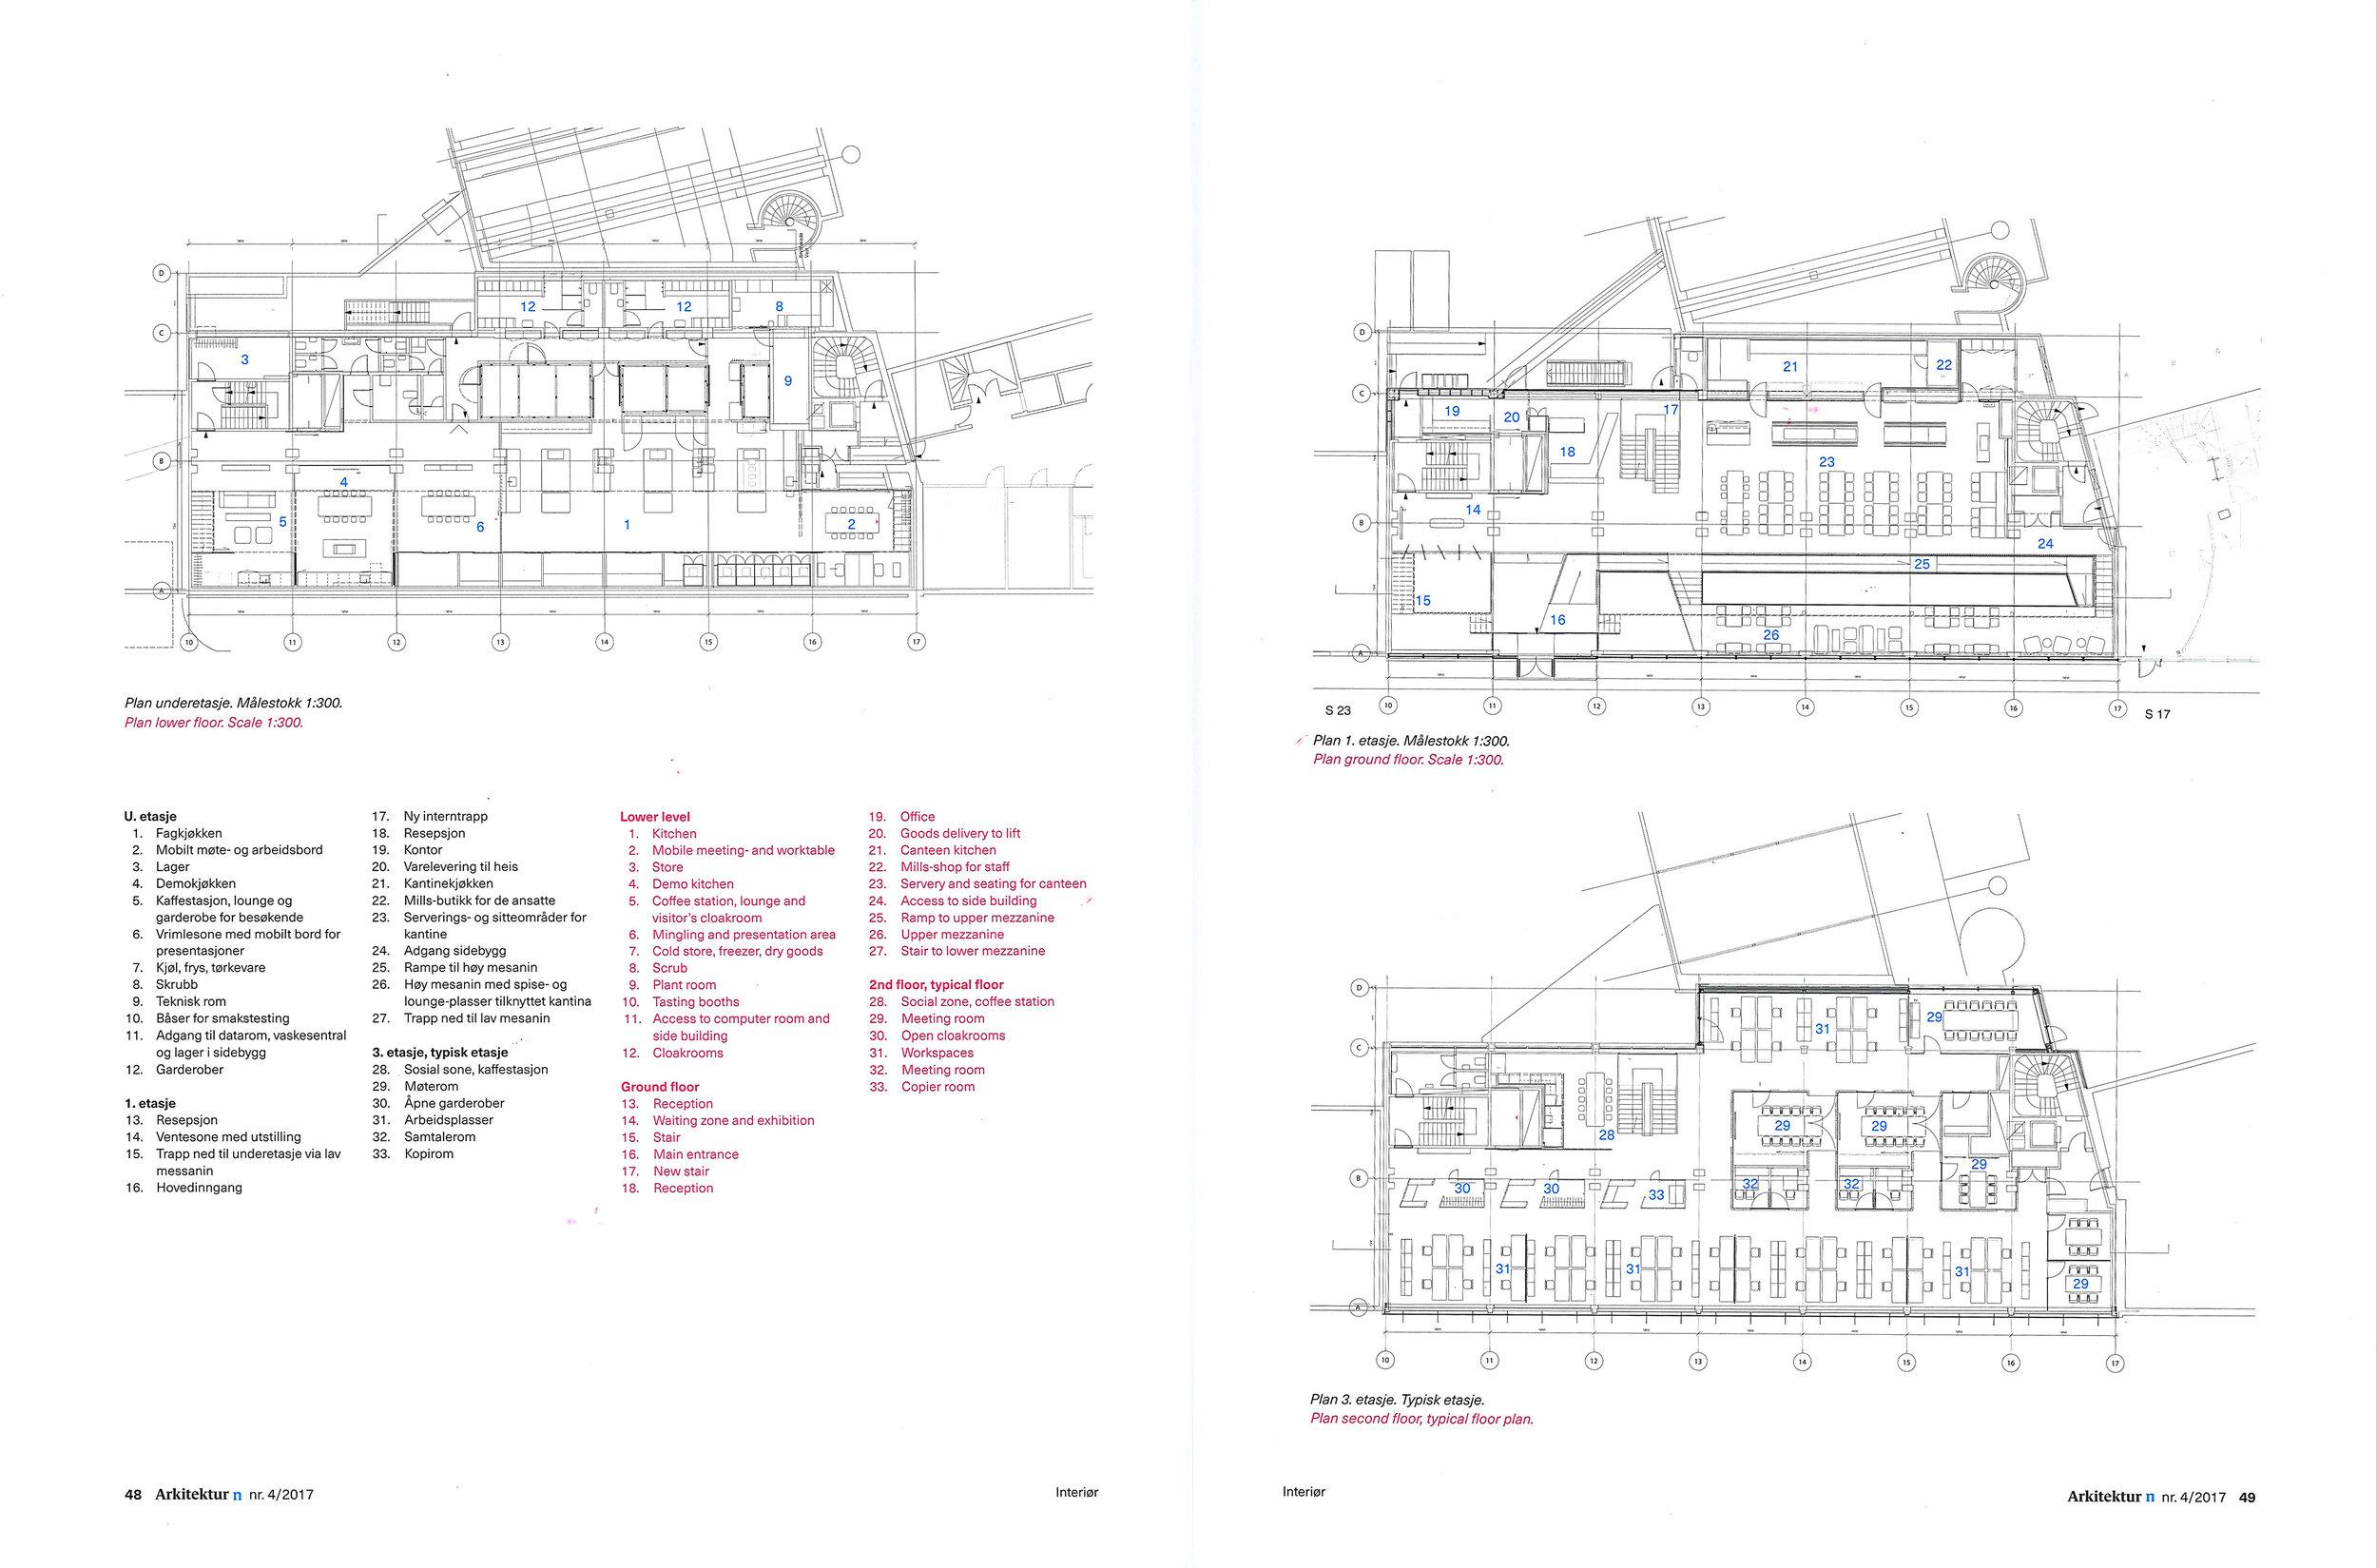 Arkitektur-N-Nr-4-2017-48.49.jpg